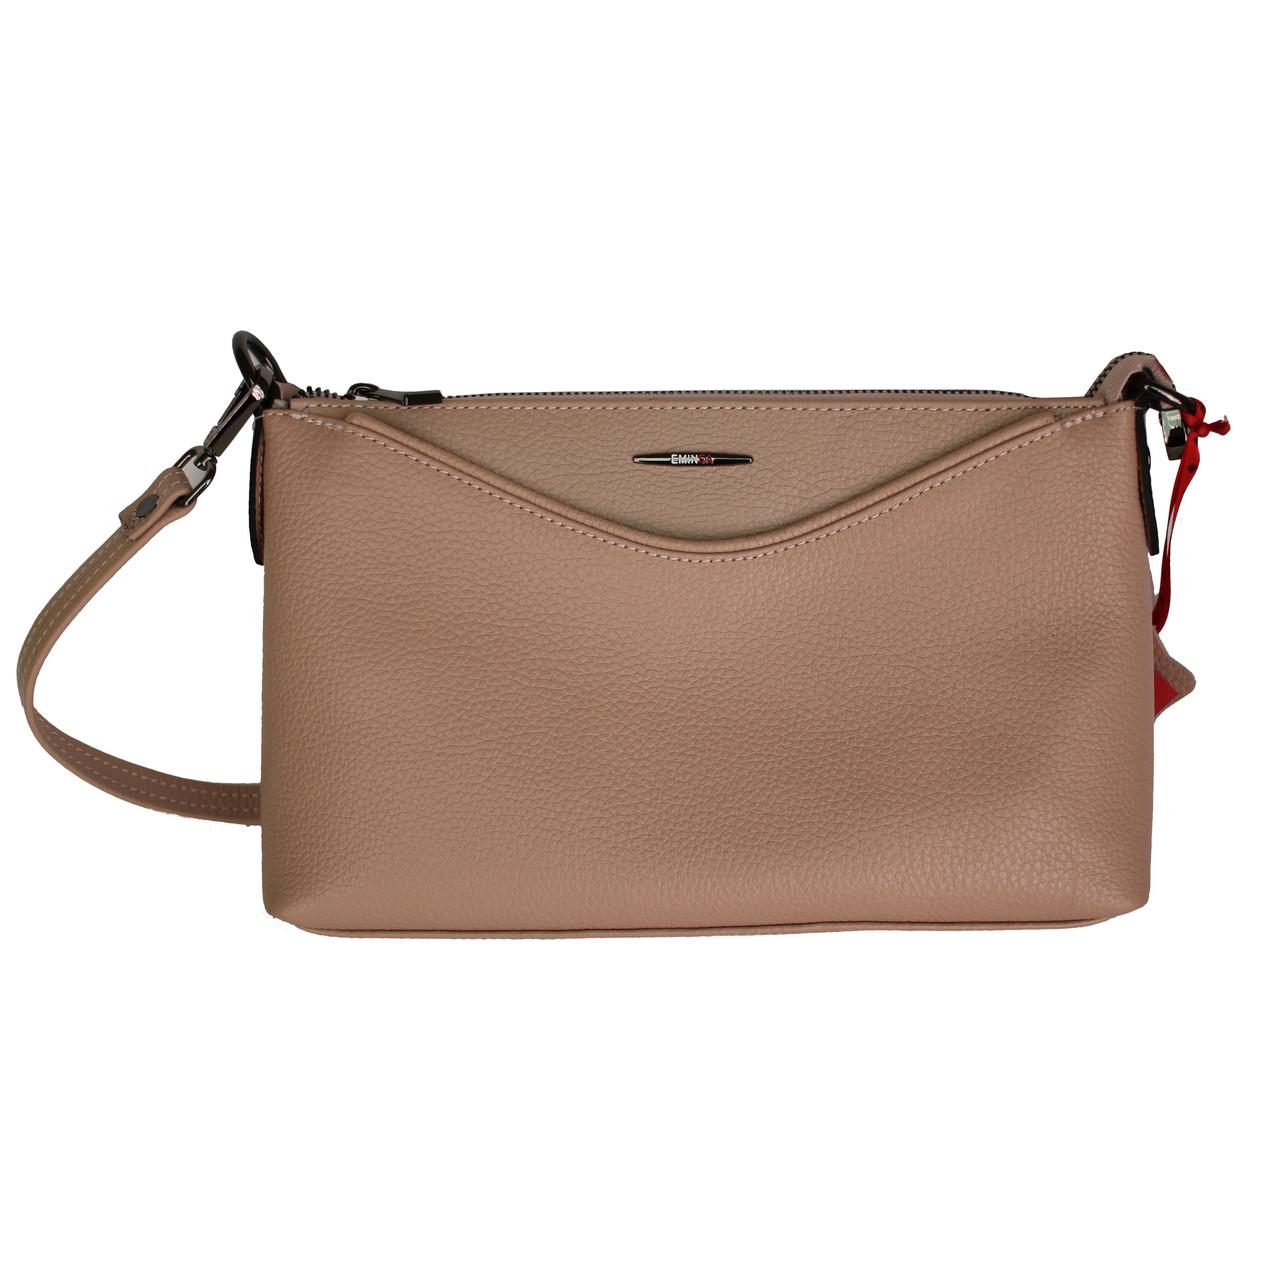 Женская сумка Eminsa 40105 37-34